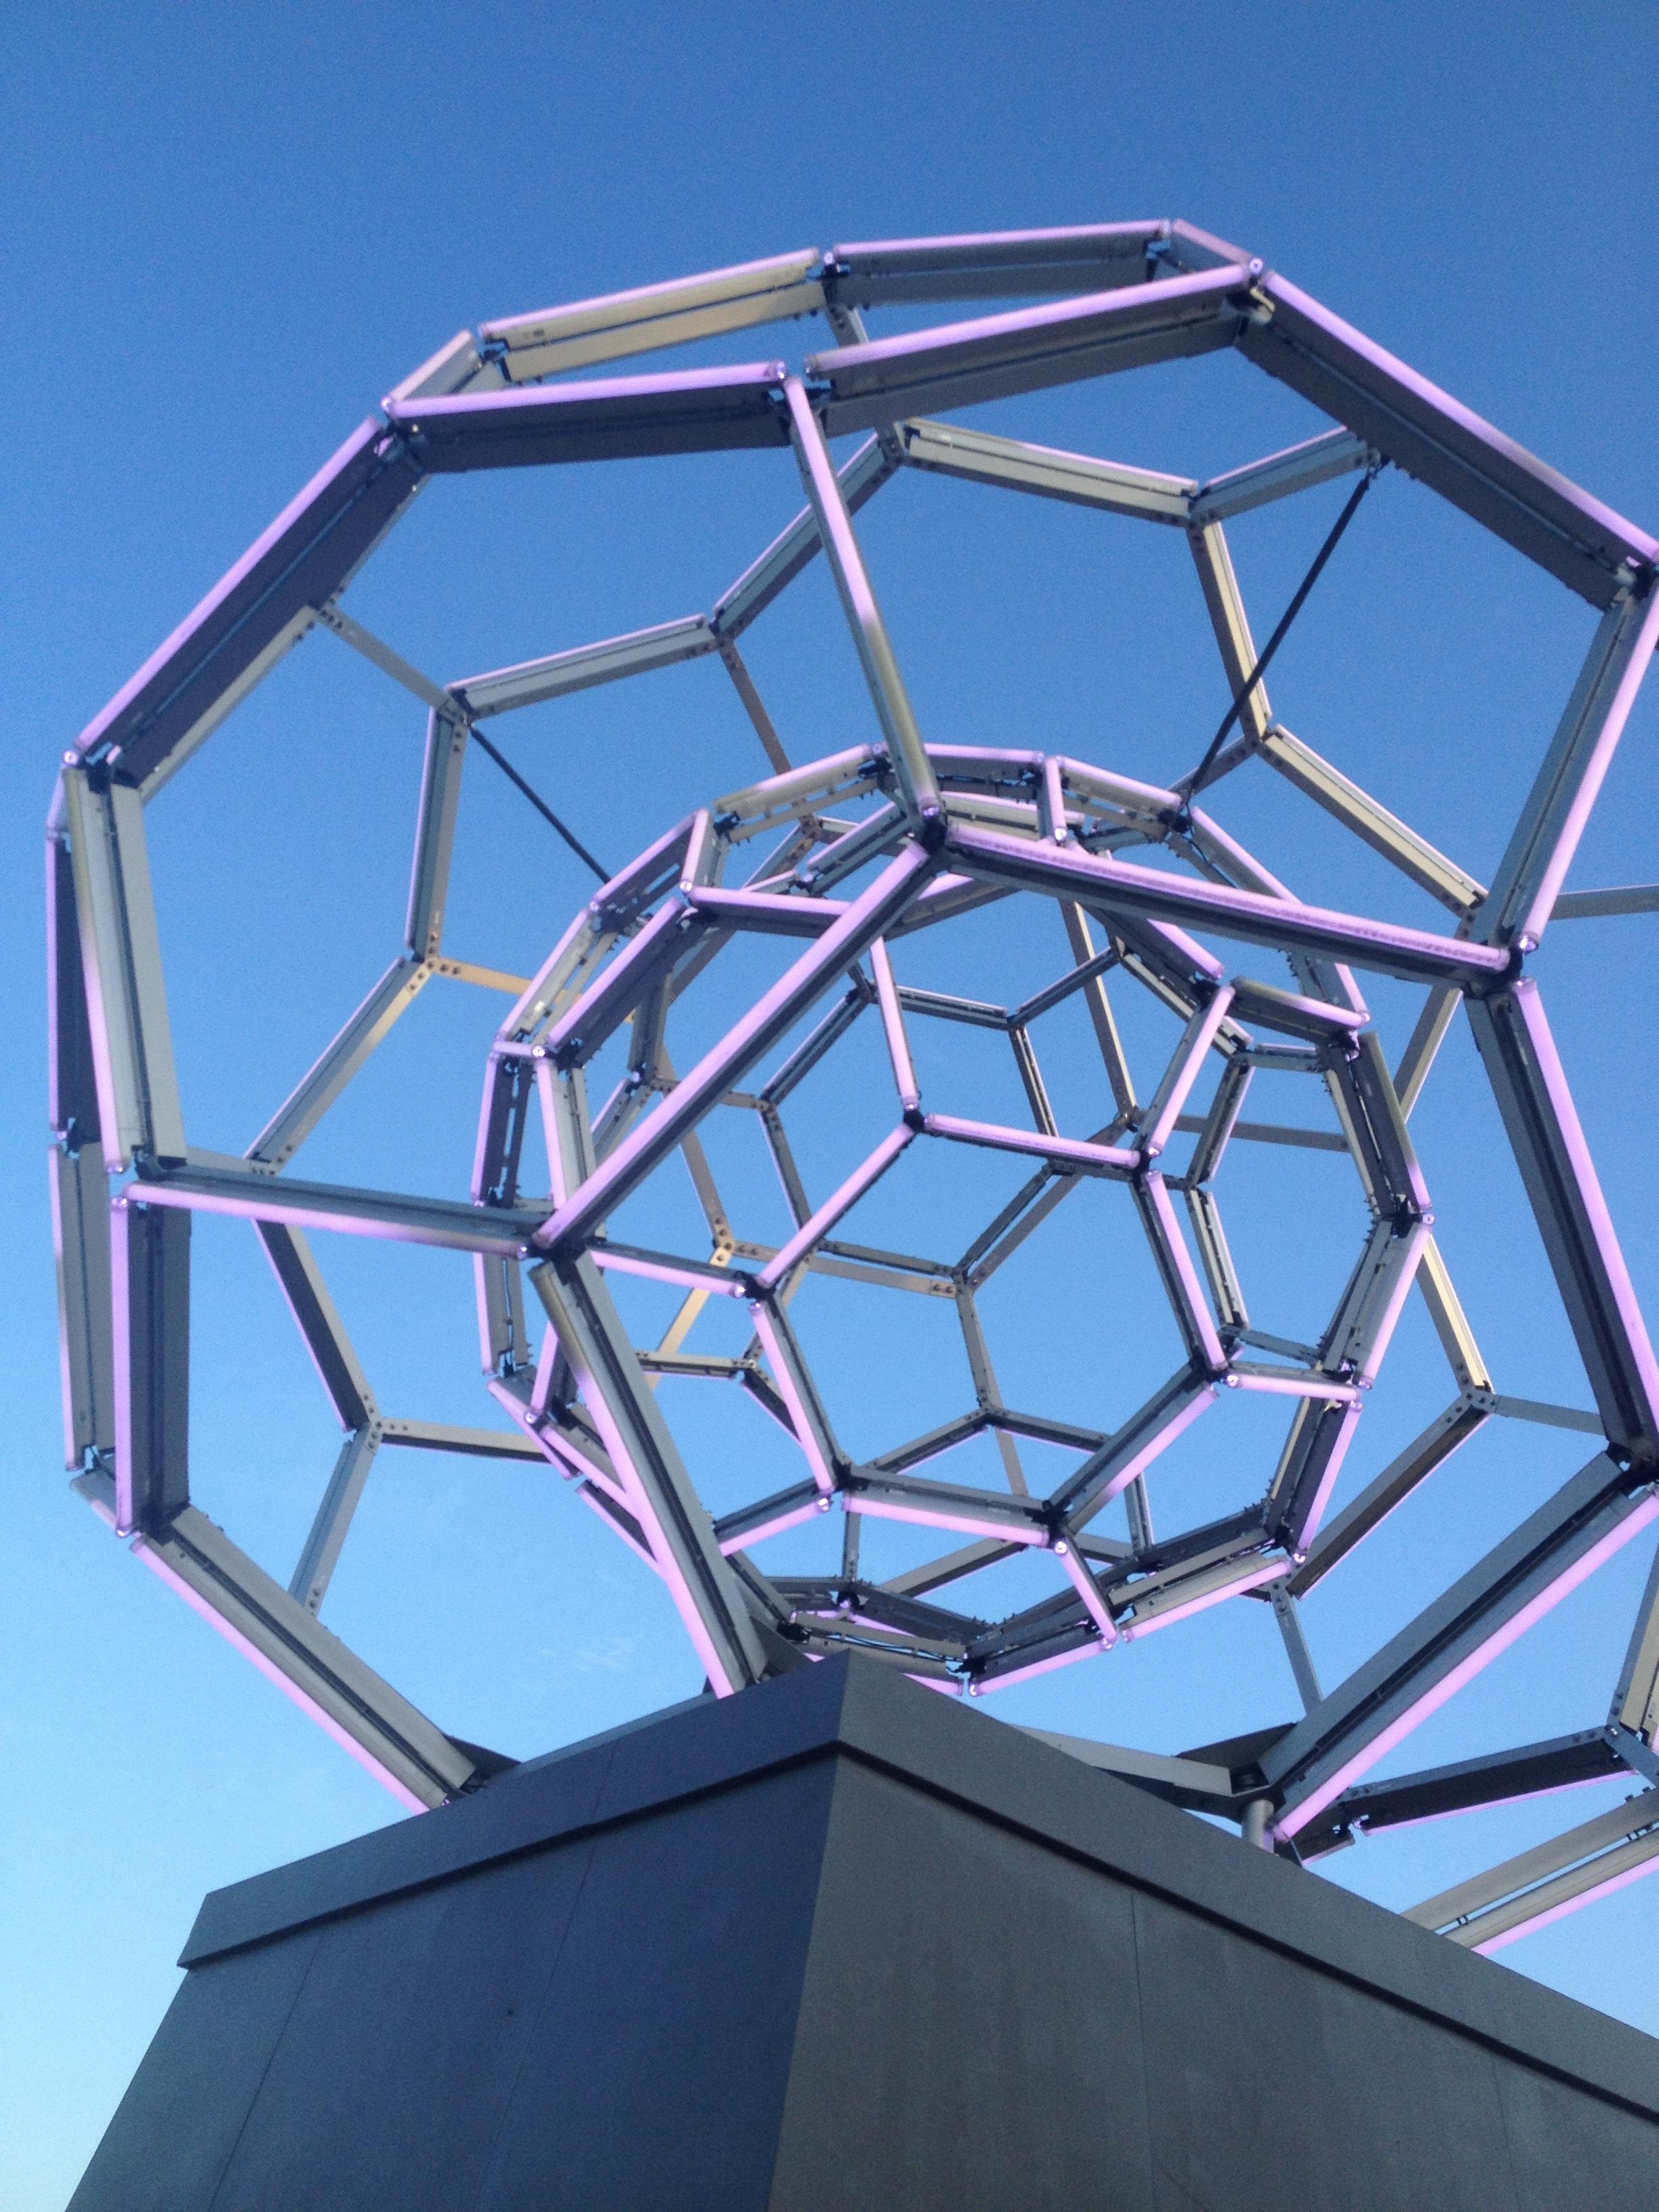 creativo estructura prpura ventana vaso perspectiva color fachada brillo azul iluminacin cielo azul art luces